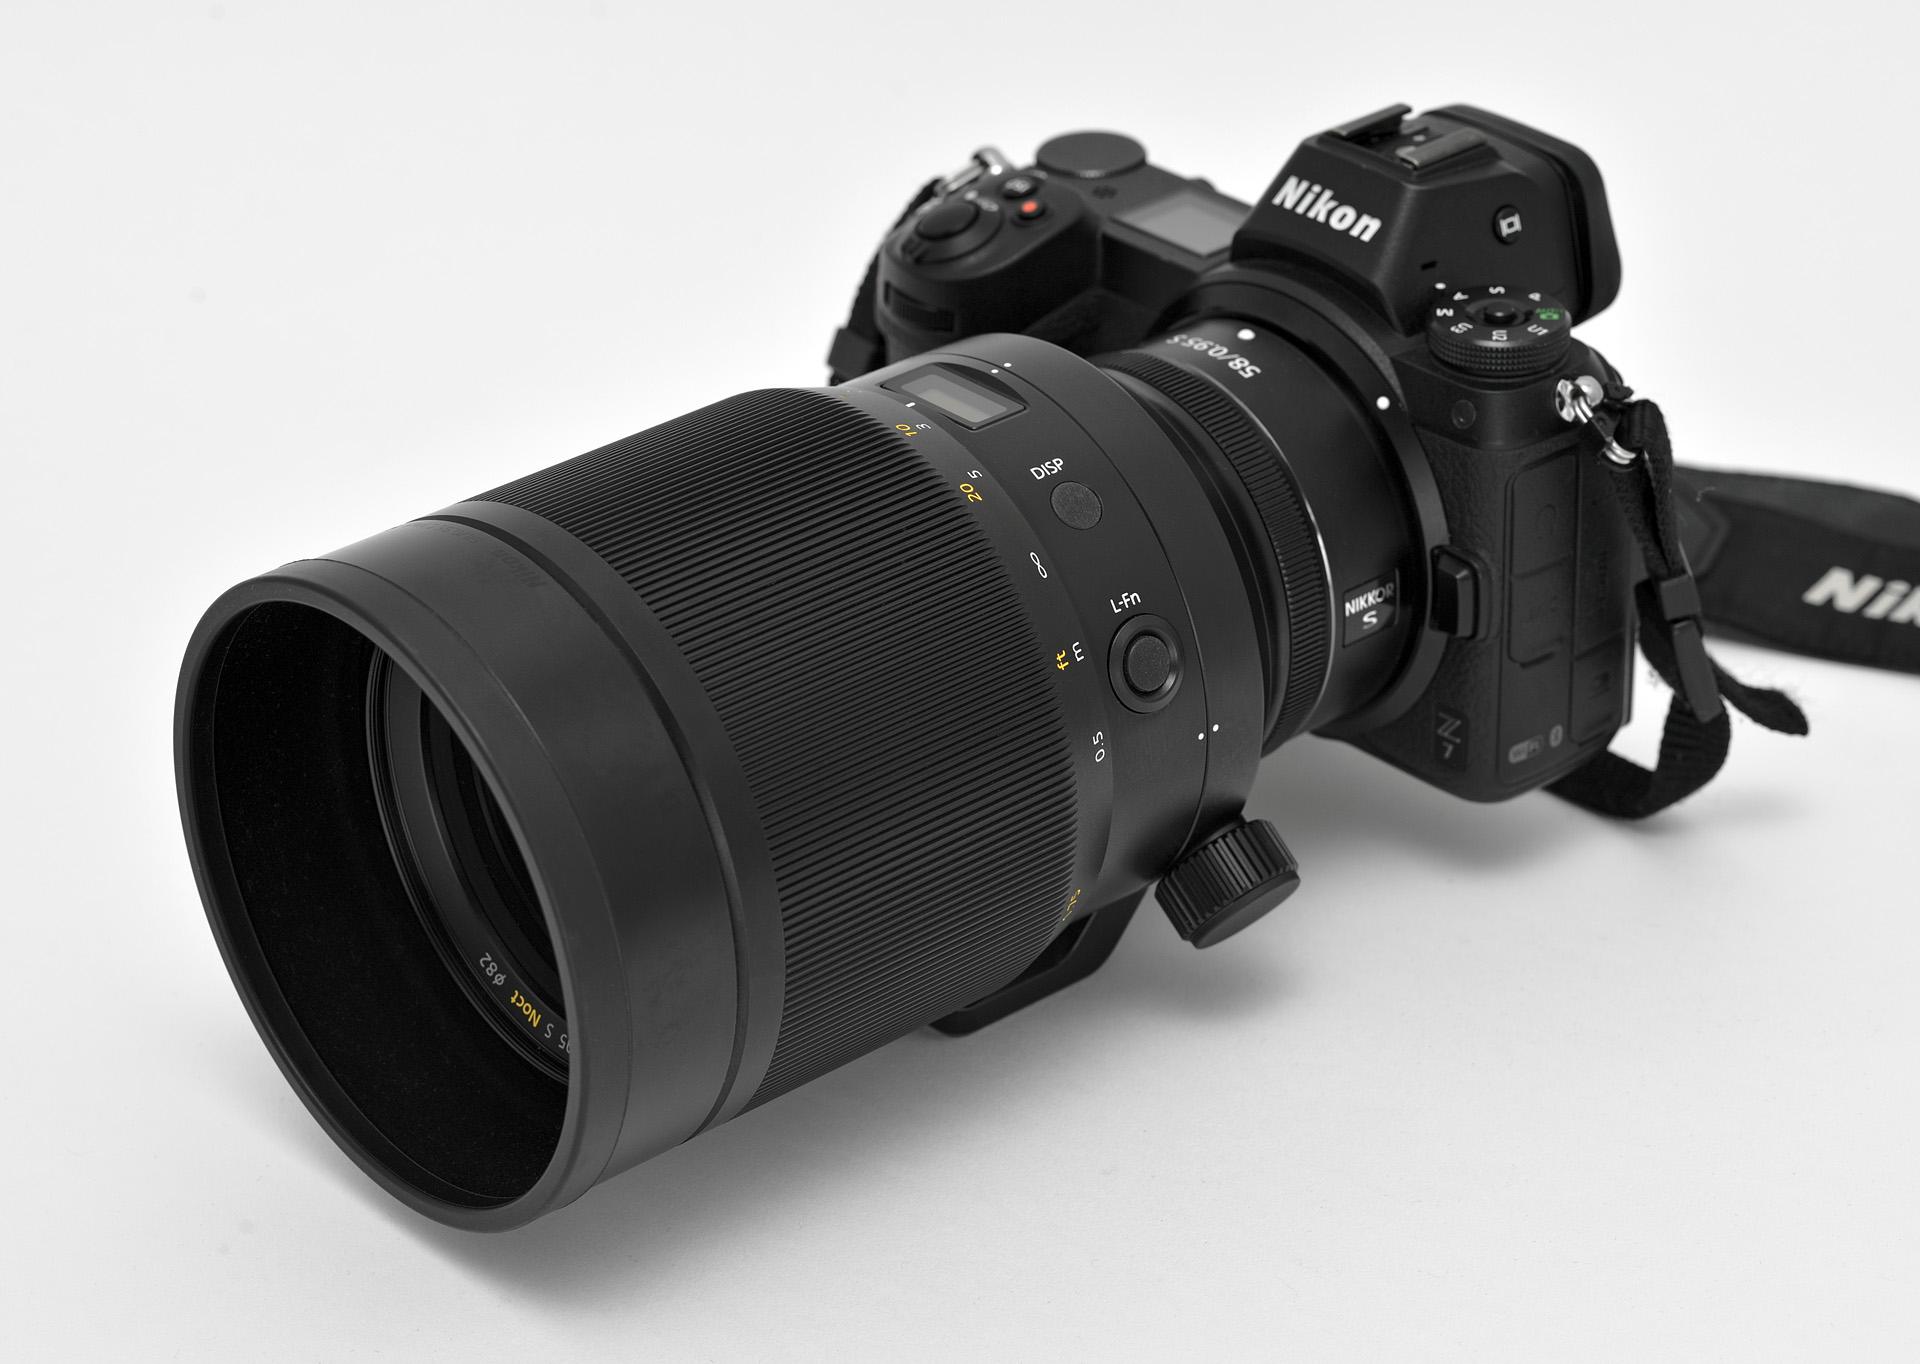 Nikkor Z 58 mm f/0,95 mm S Noct s nasazenou sluneční clonou na těle Nikon Z 7